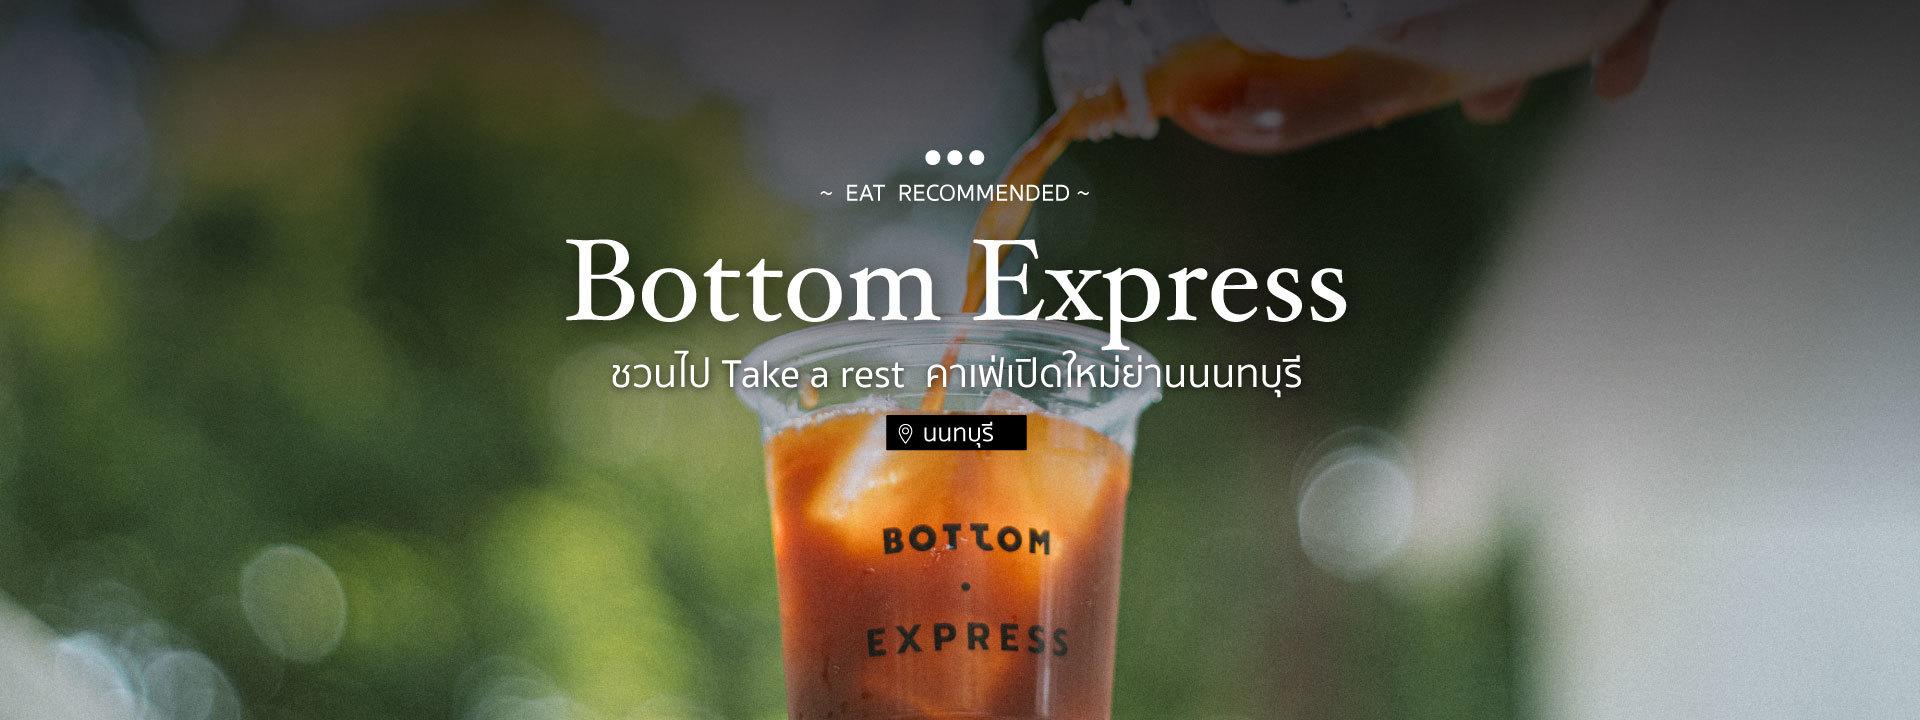 Bottom Express 1920x720